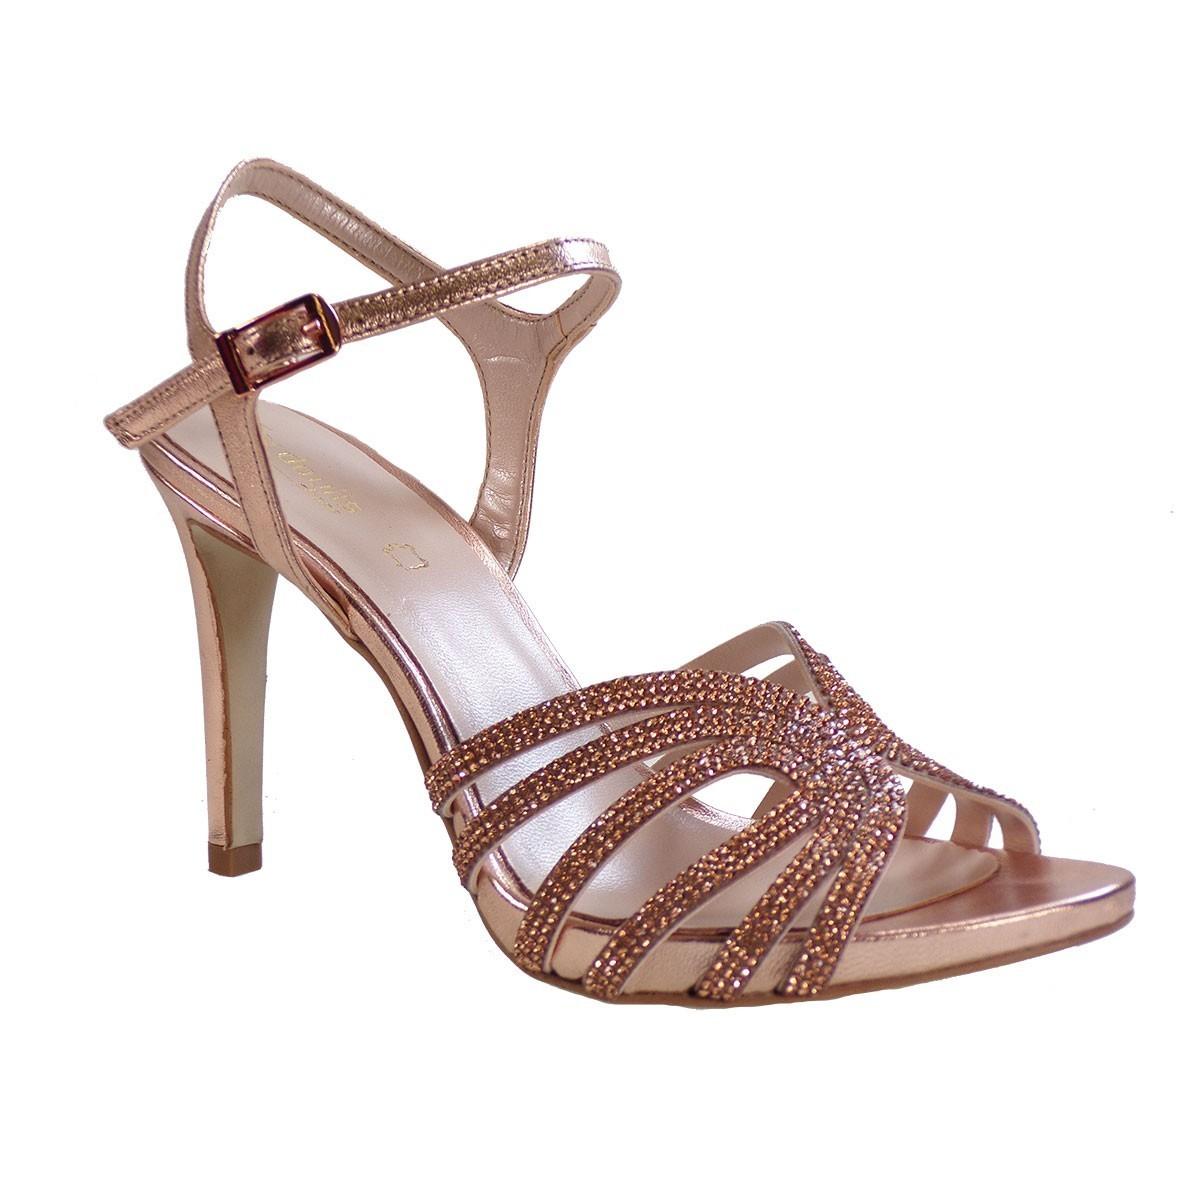 Fardoulis shoes Γυναικεία Παπούτσια Πέδιλα 8224 Xαλκός Δέρμα